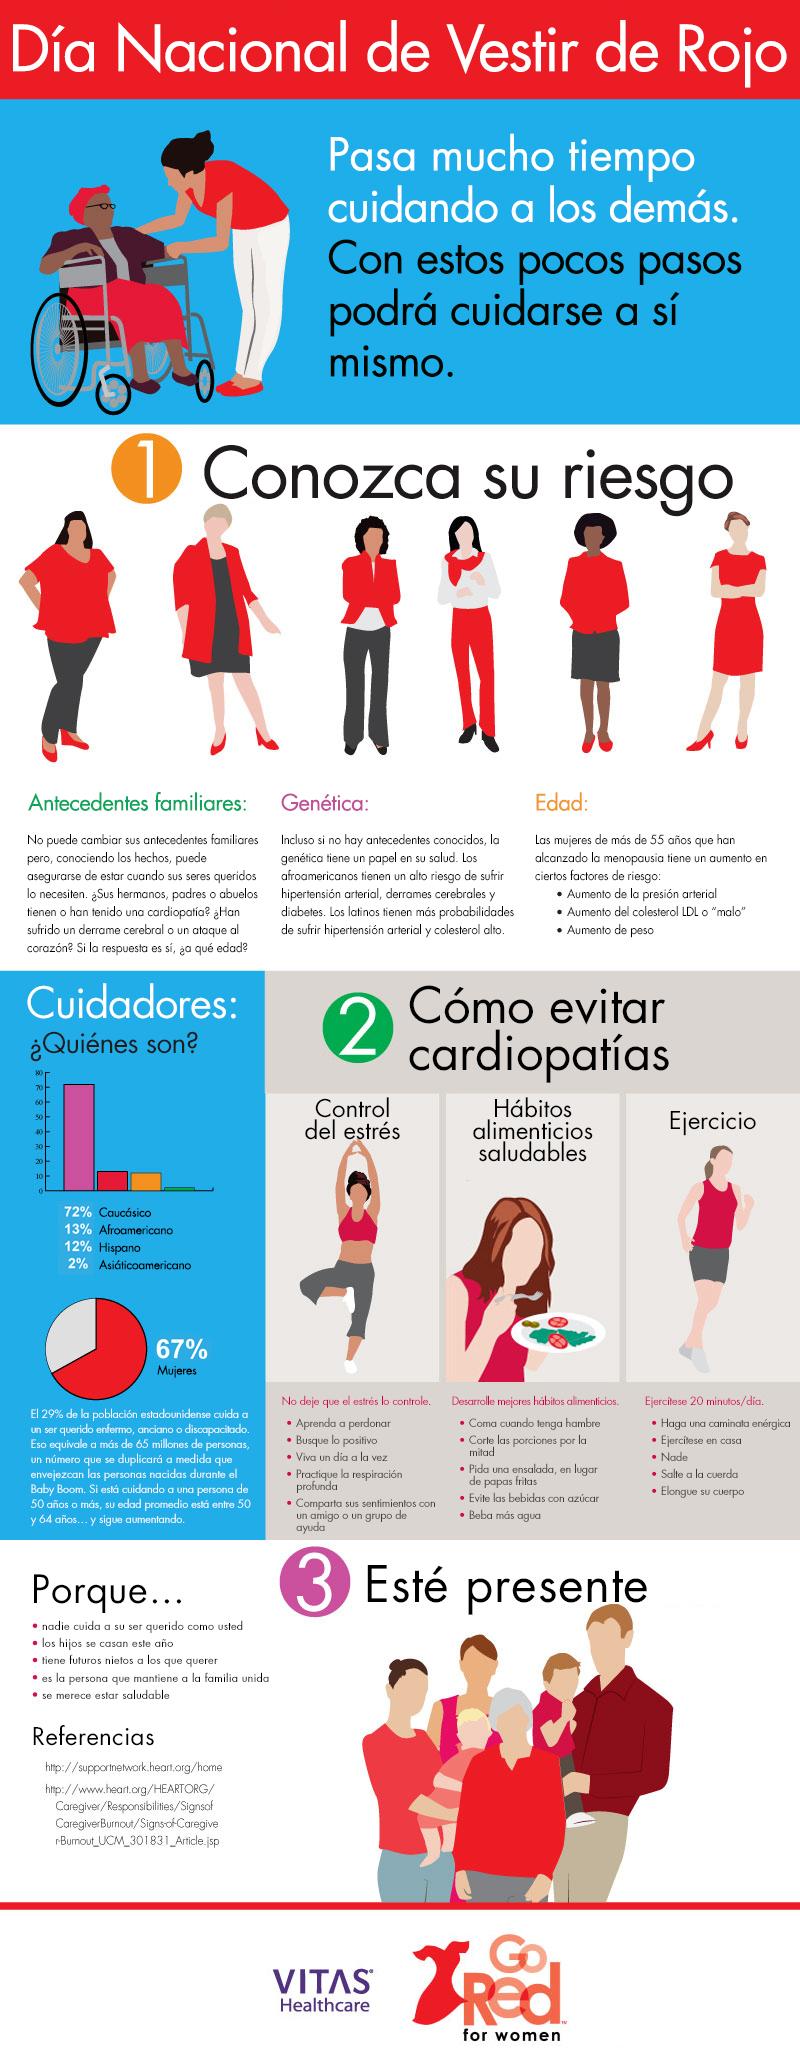 Infografía de salud cardíaca de VITAS